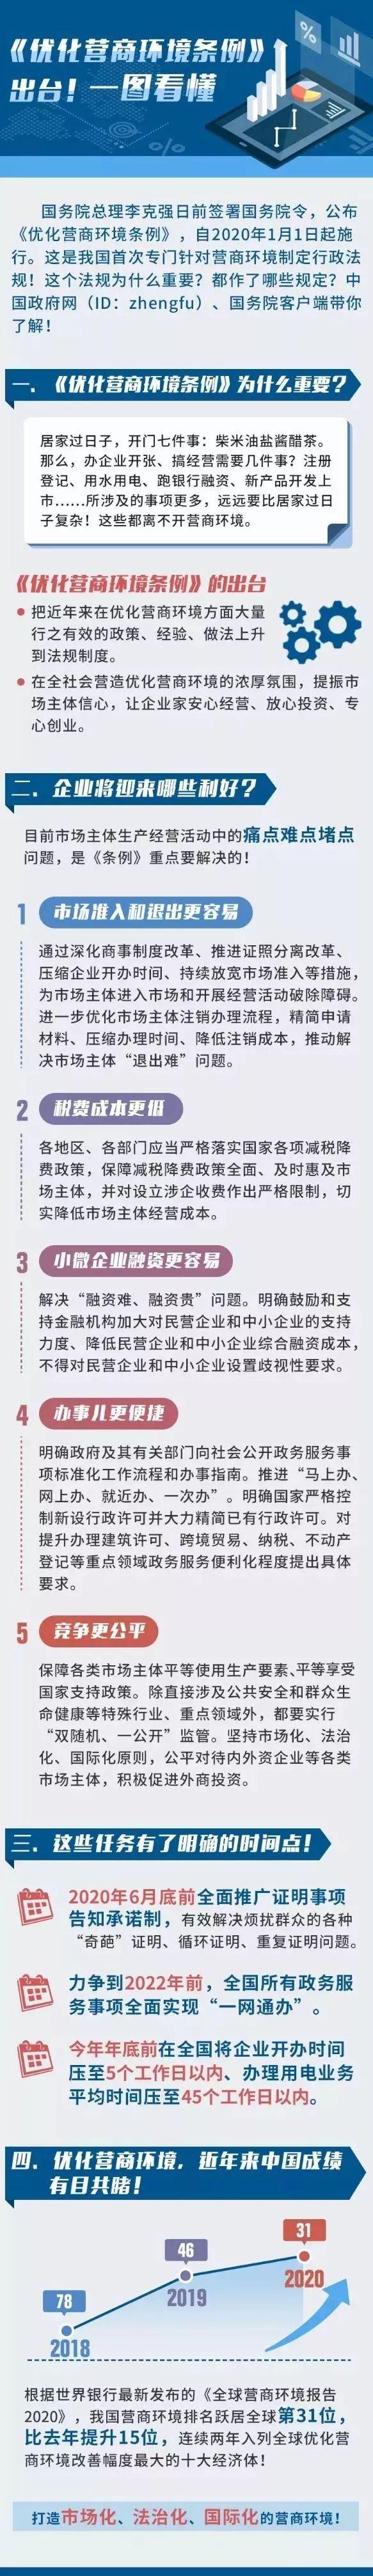 优化营商环境条例解读(1).jpg